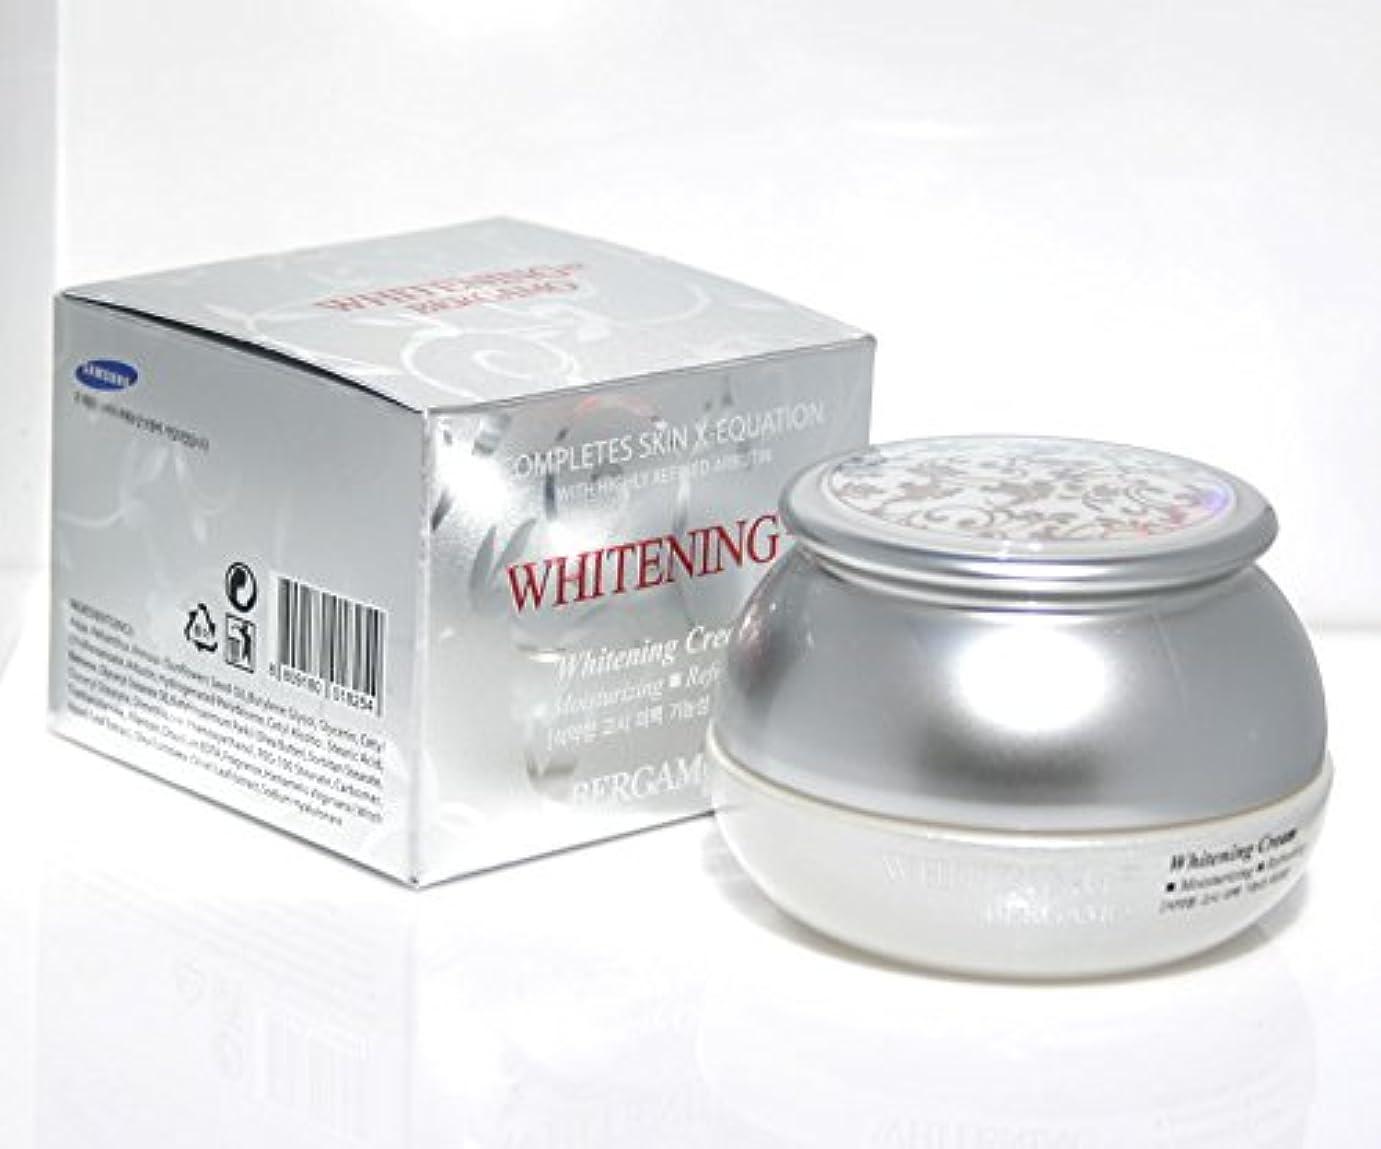 八販売計画電報【ベルガモ][Bergamo]  は、高度に精製アルブチンホワイトニング例クリーム50g /  Completes Skin X-equation with Highly Refined Albutin Whitening...